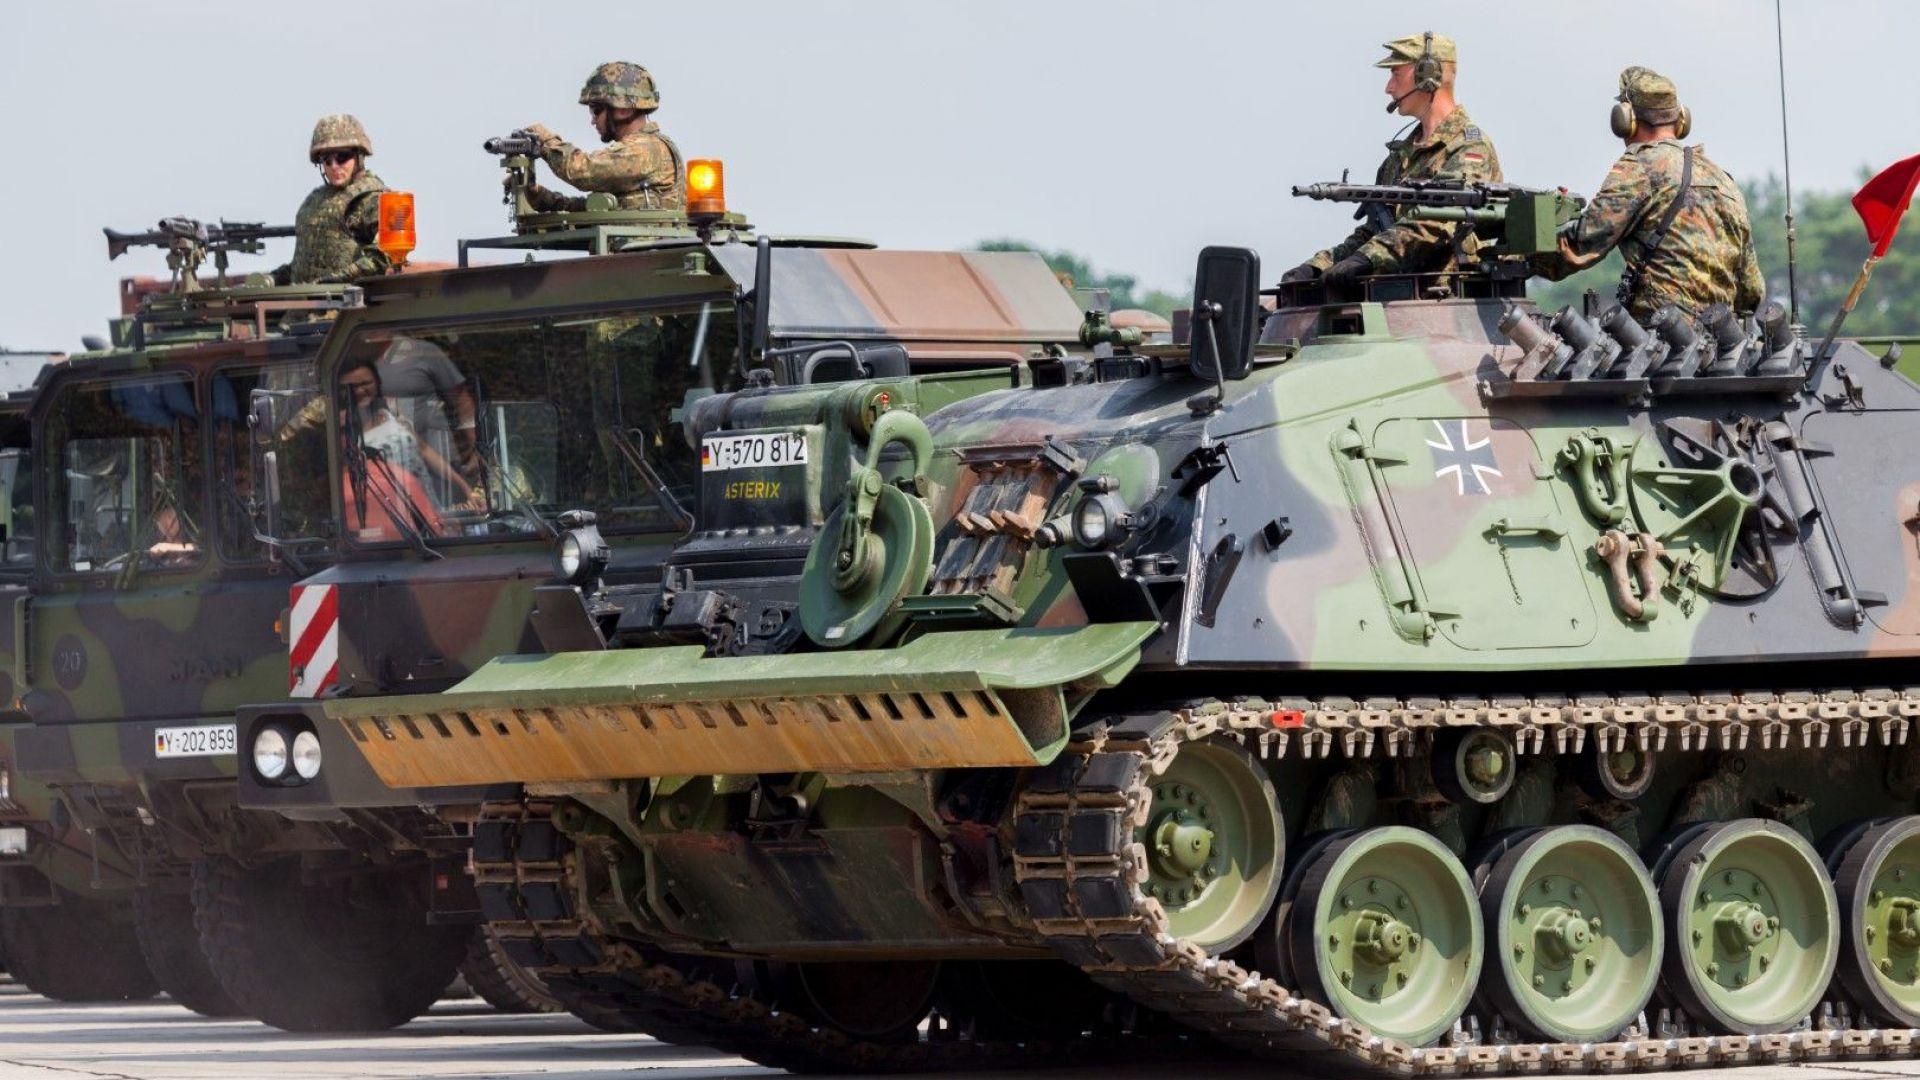 10 страни влязоха в коалиция от европейски армии